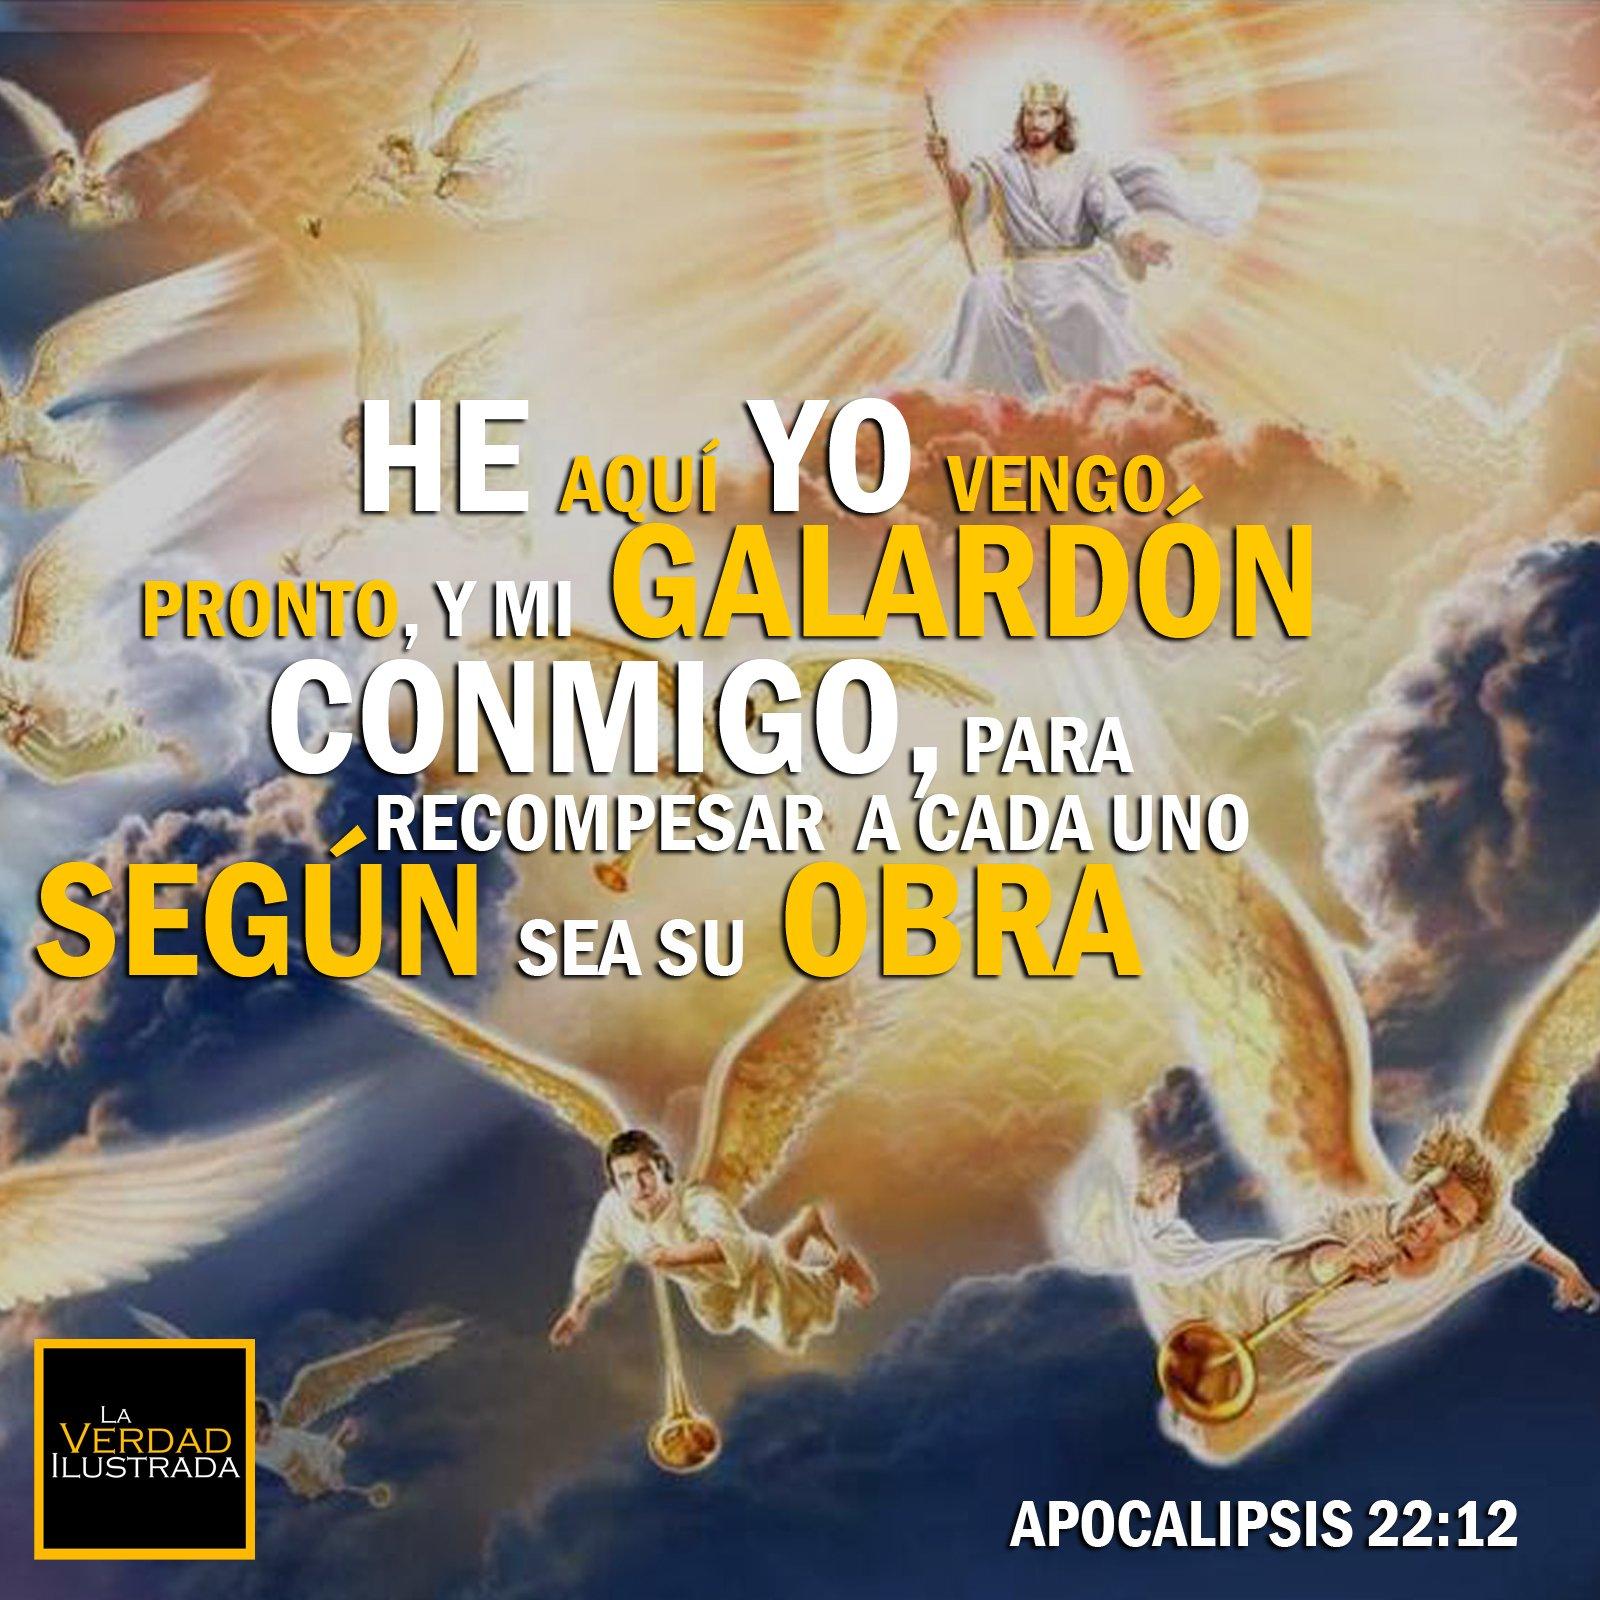 Apocalipsis 22.12